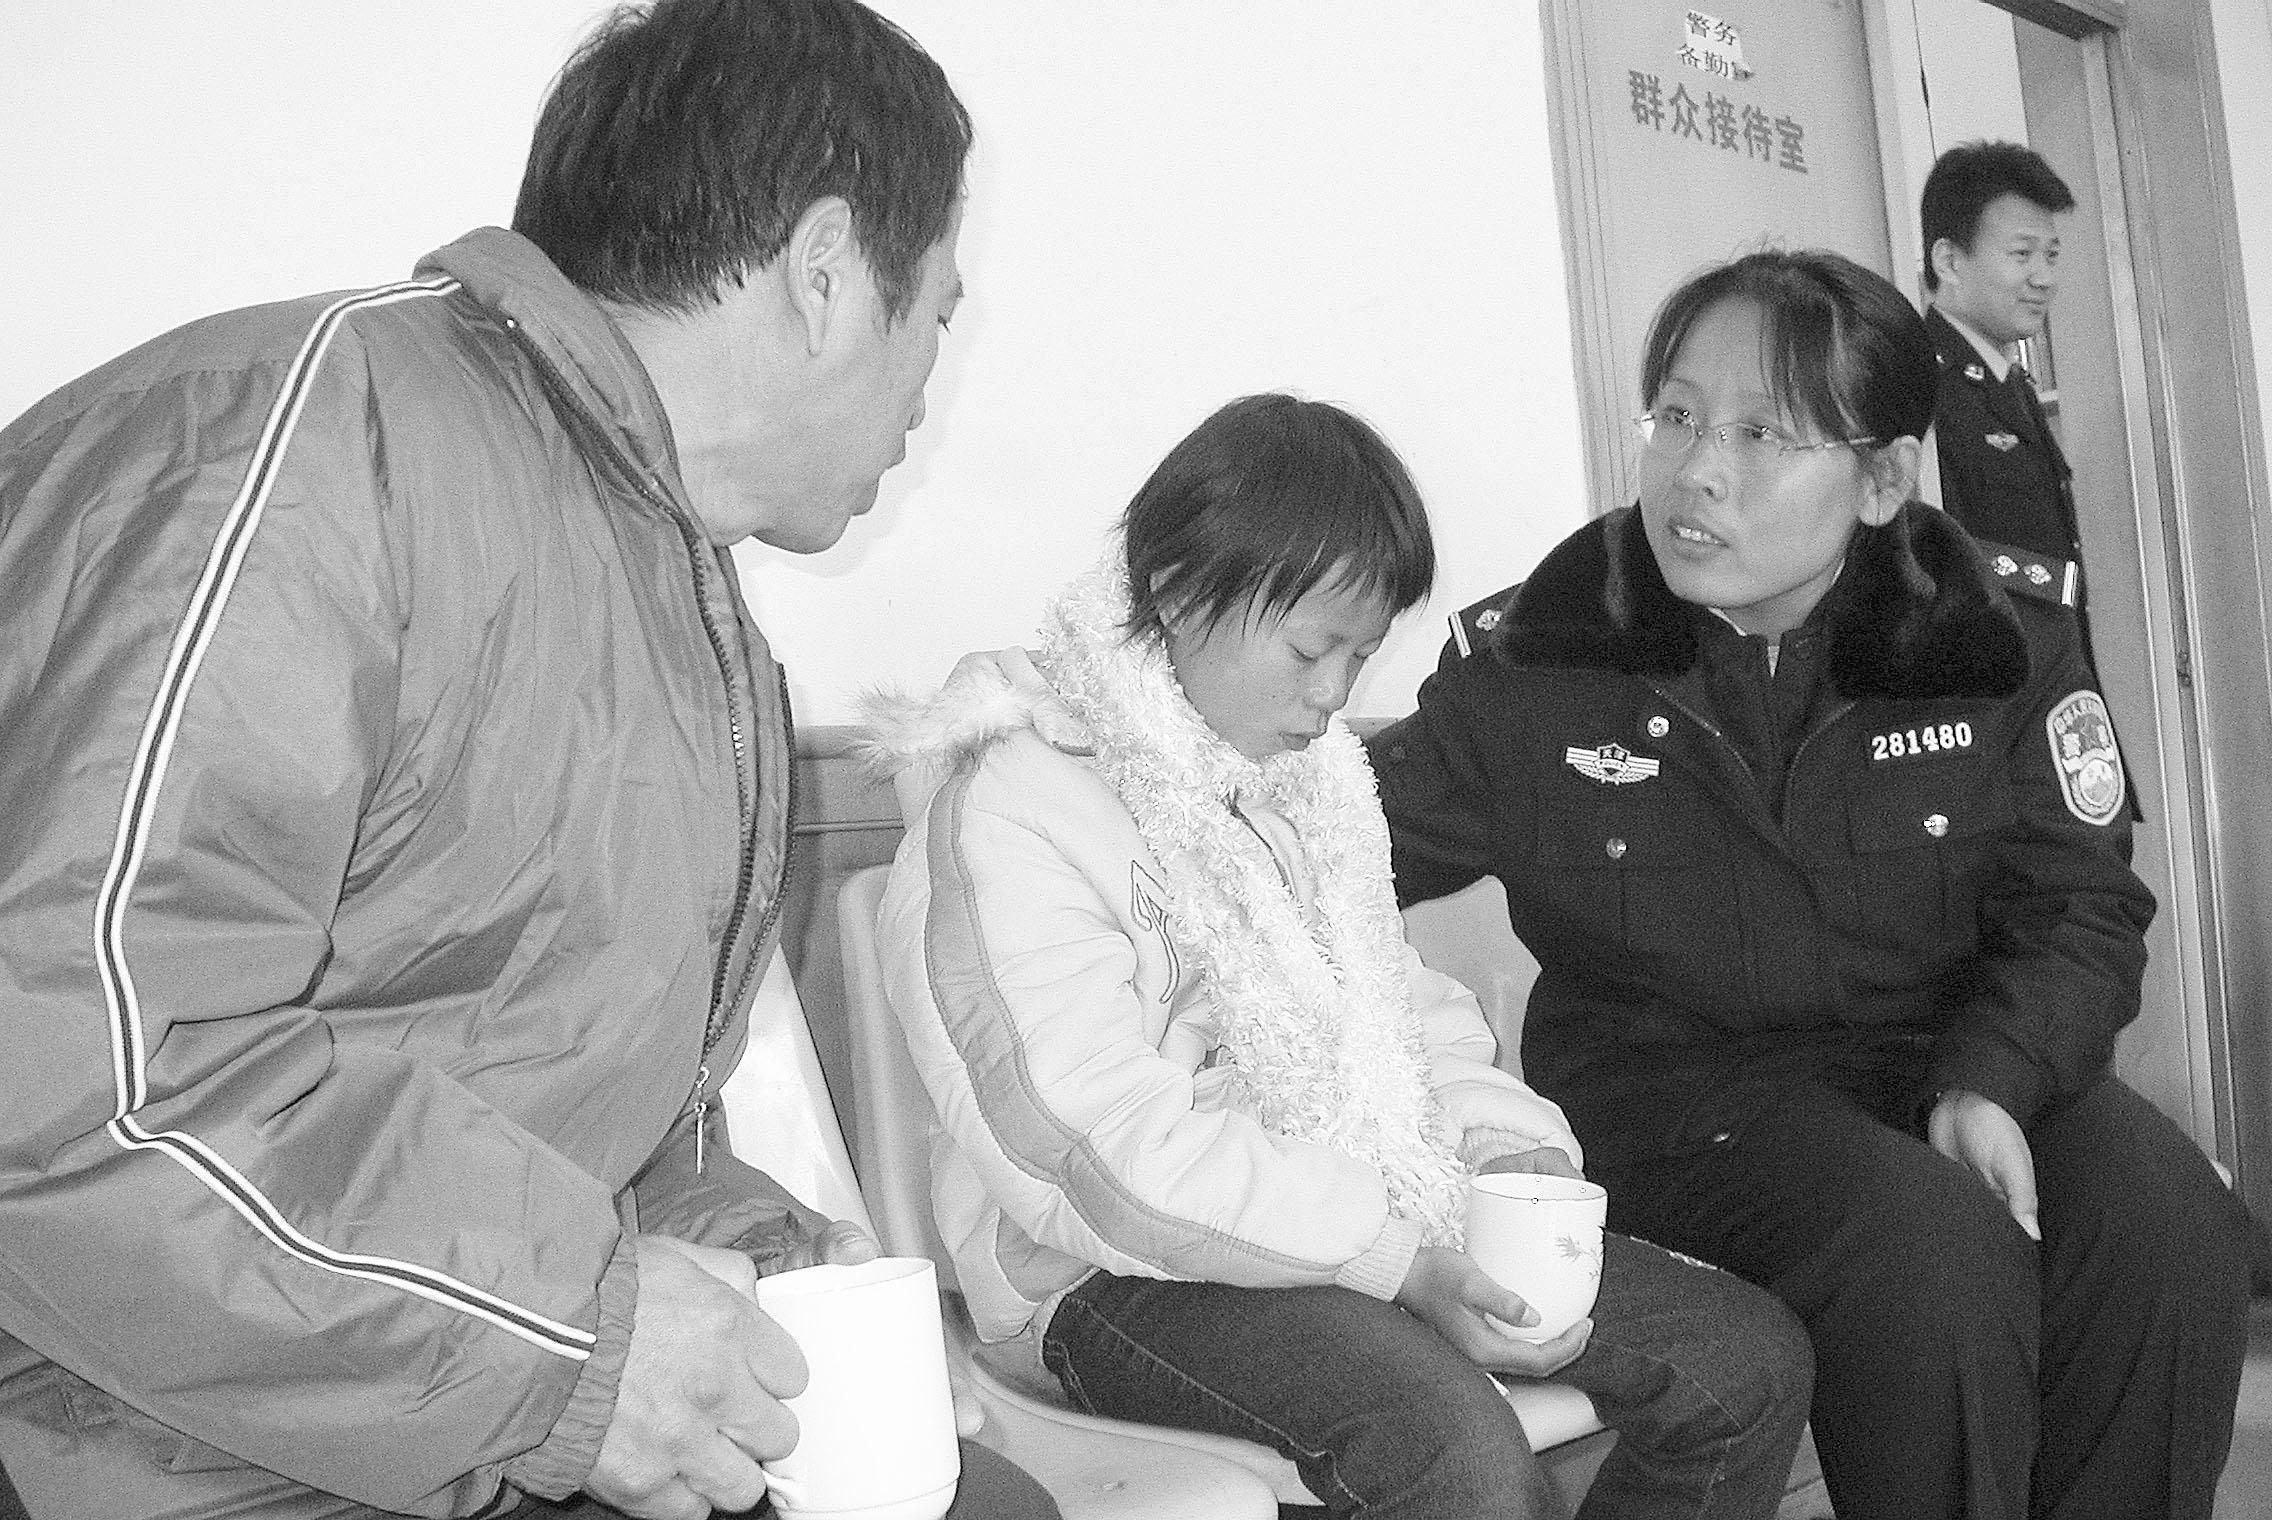 安徽女孩离家寻亲本市民警帮她圆梦(图)